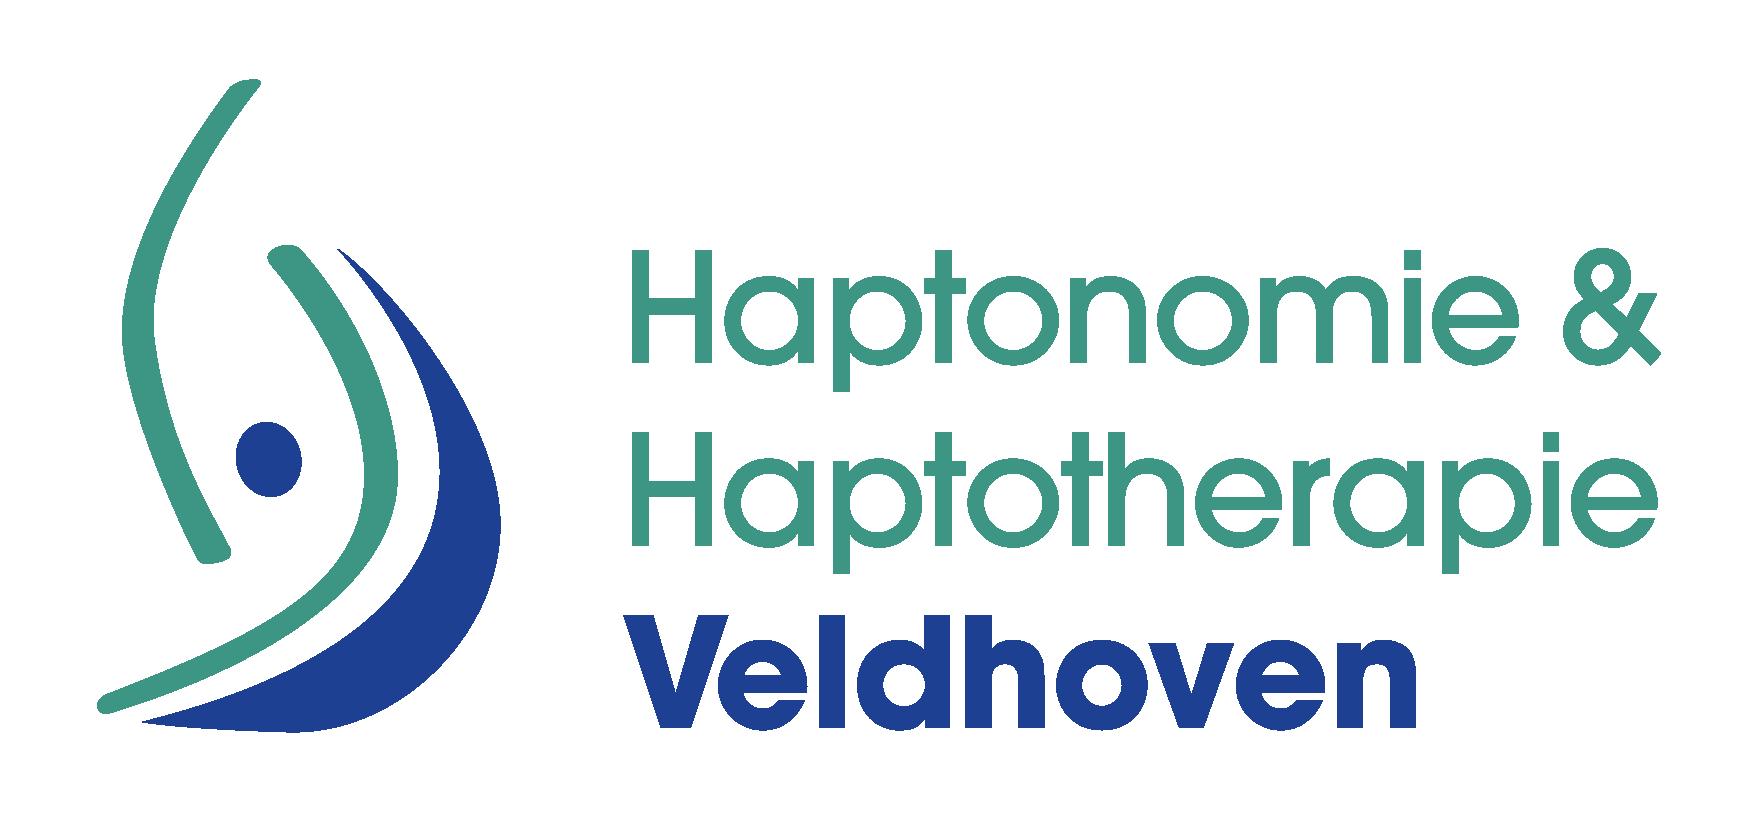 Haptonomie en Haptotherapie Veldhoven